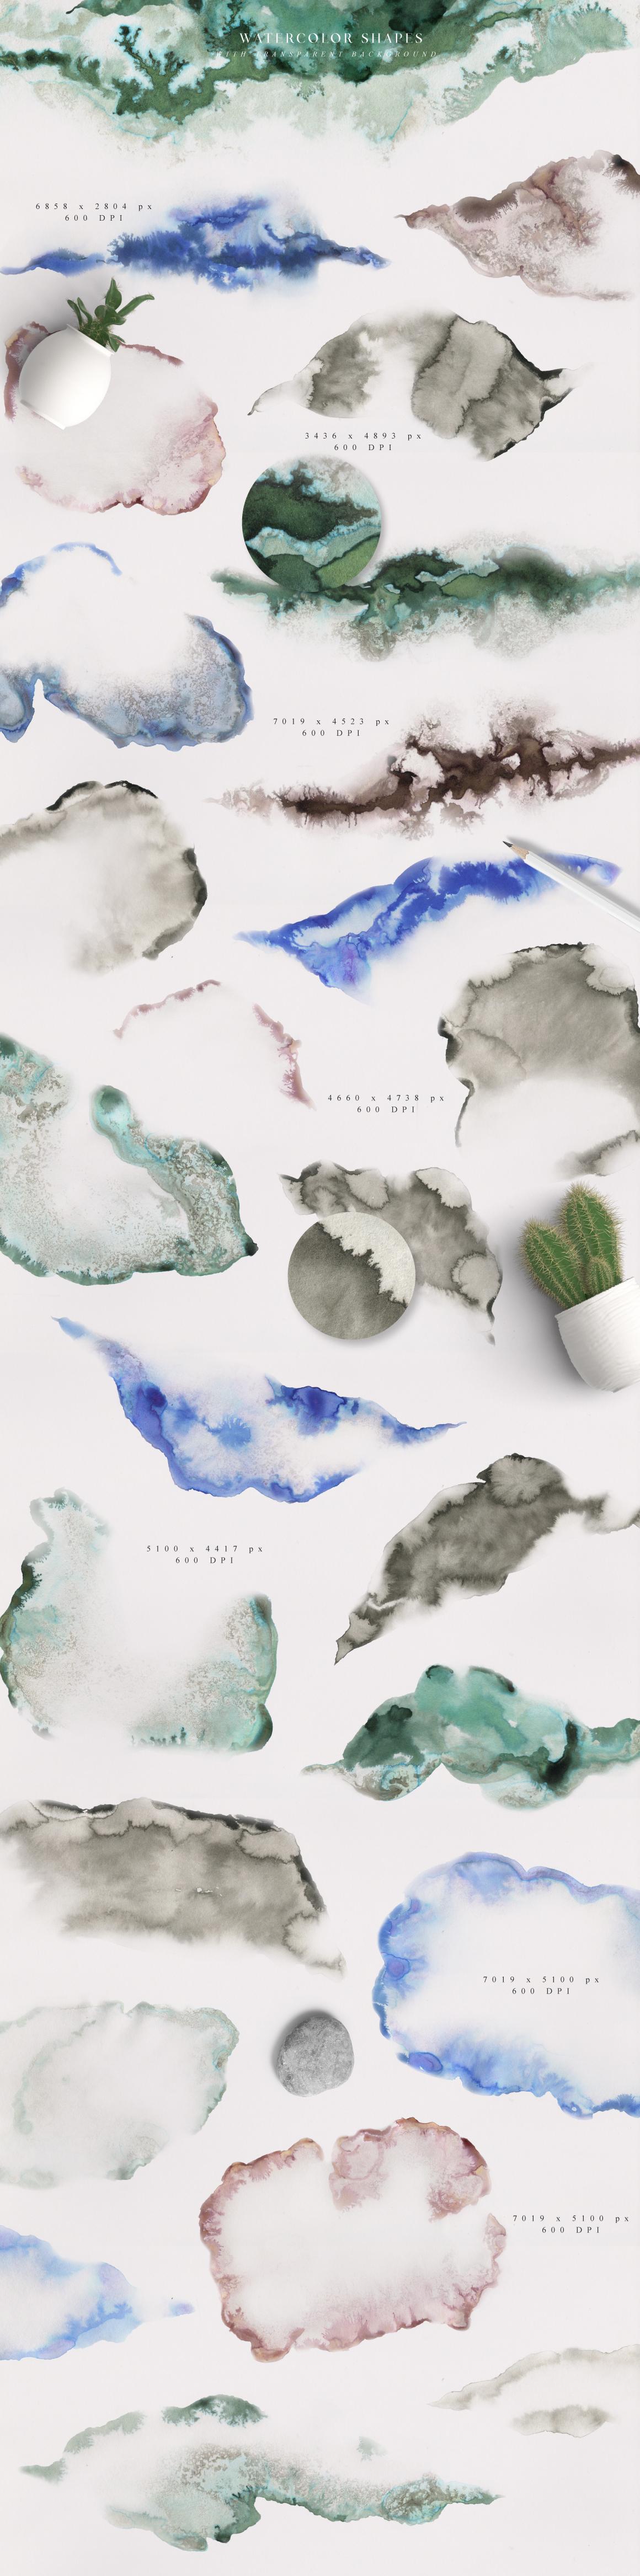 优美手绘水彩花卉树叶&水墨水彩背景素材 Magic Ombre插图(6)